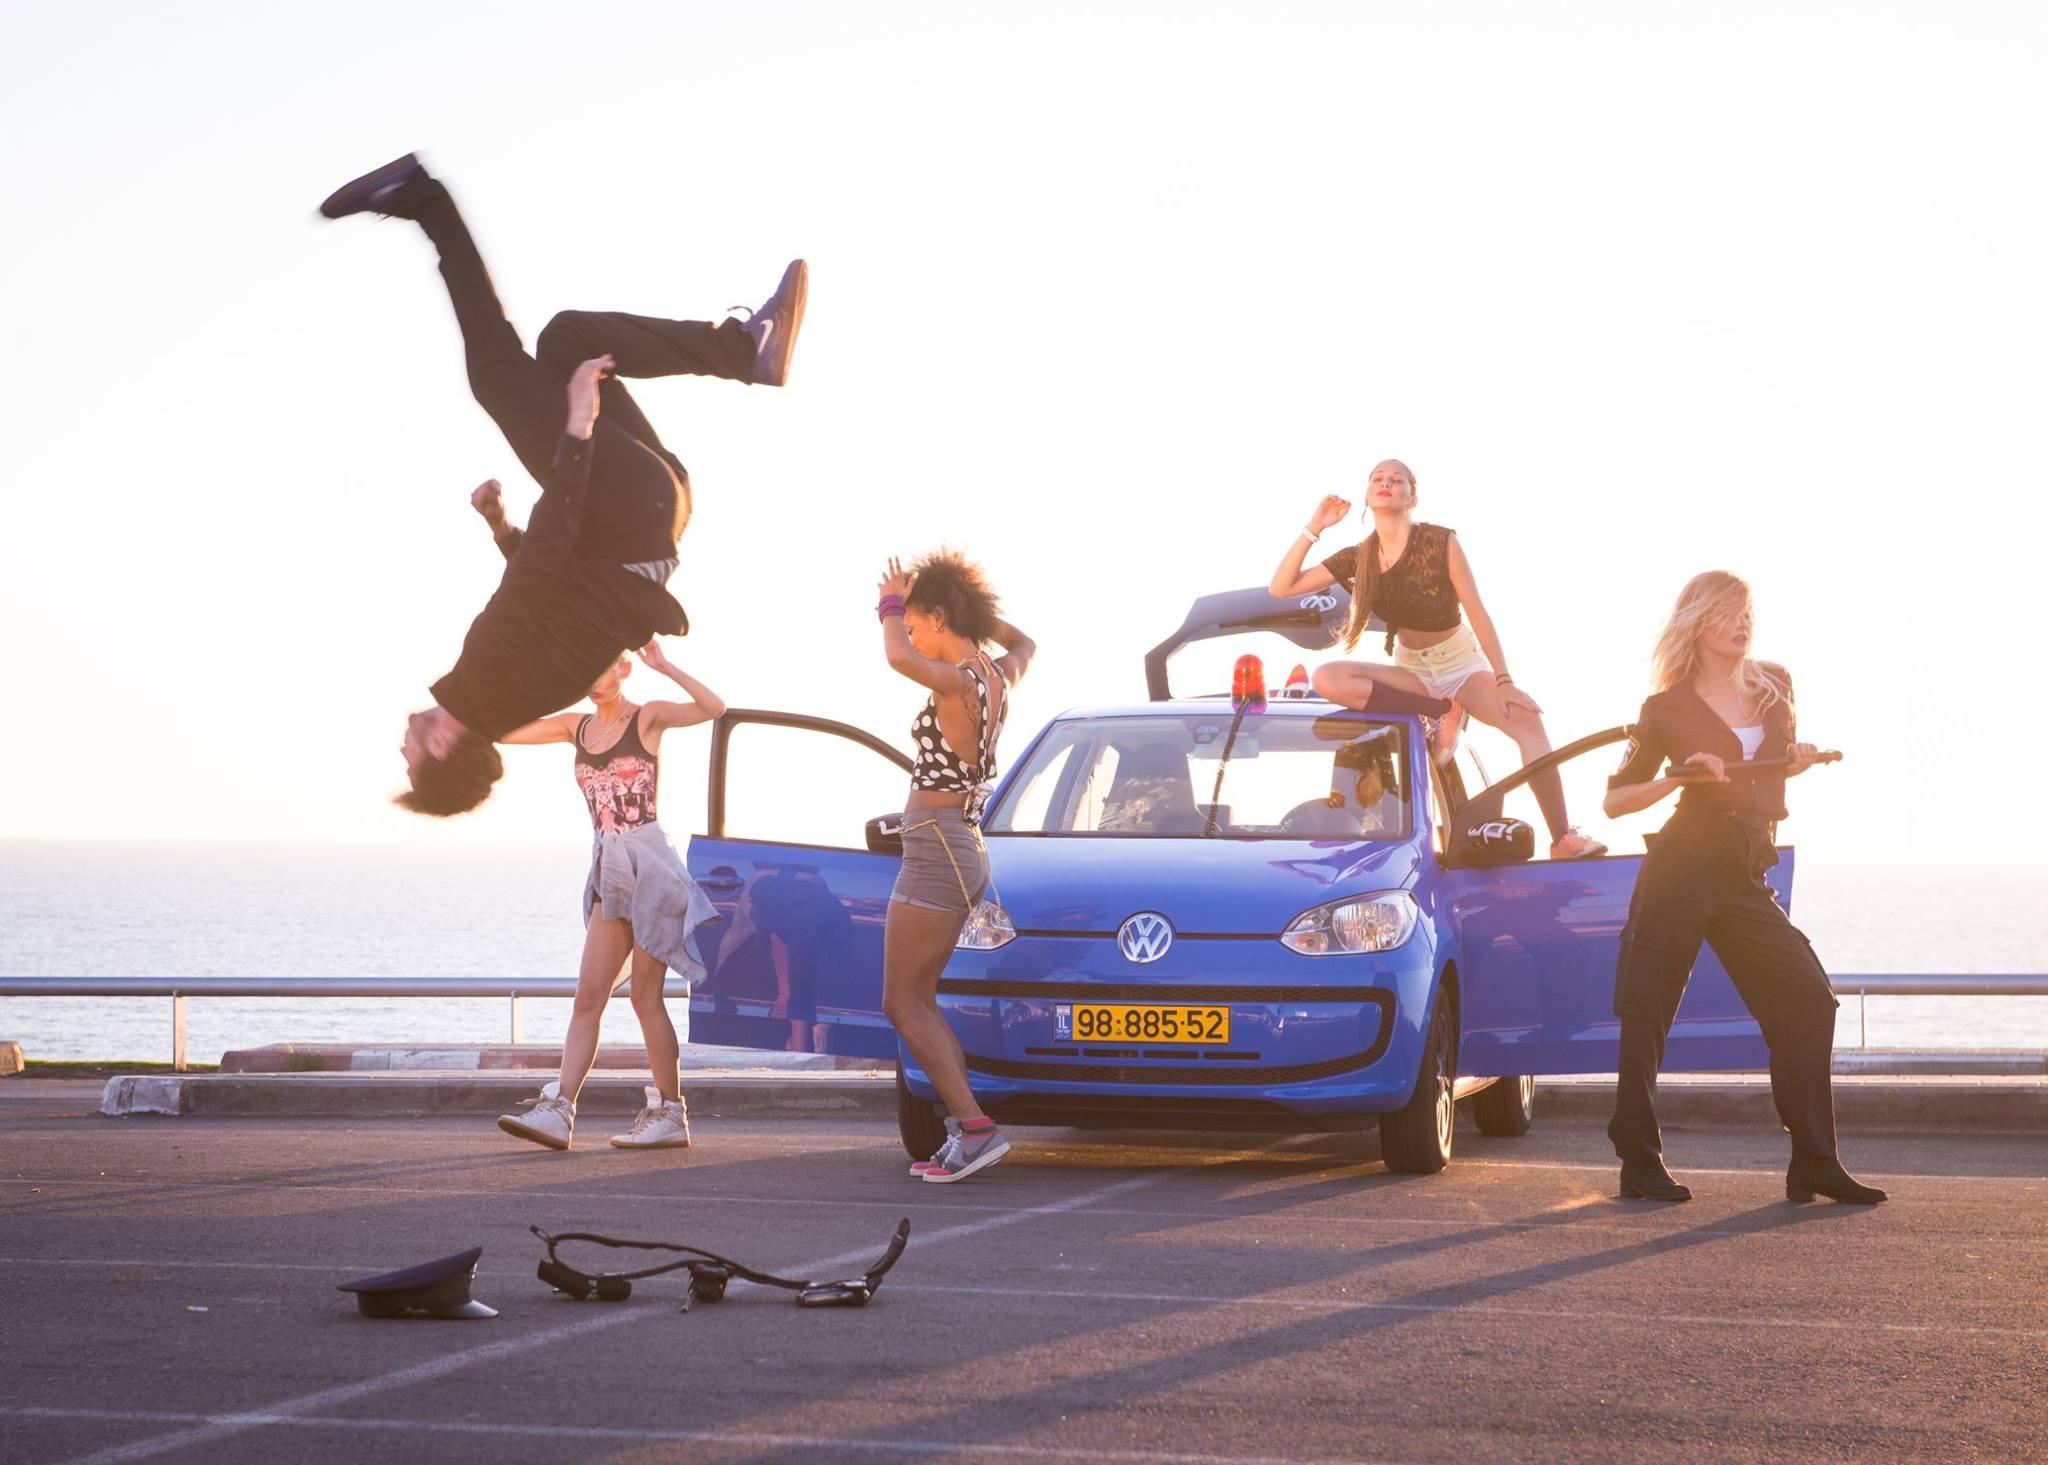 האם זהו הלהיט הגדול של הקיץ? נוי אלוש מציג את Up_N_Drive#